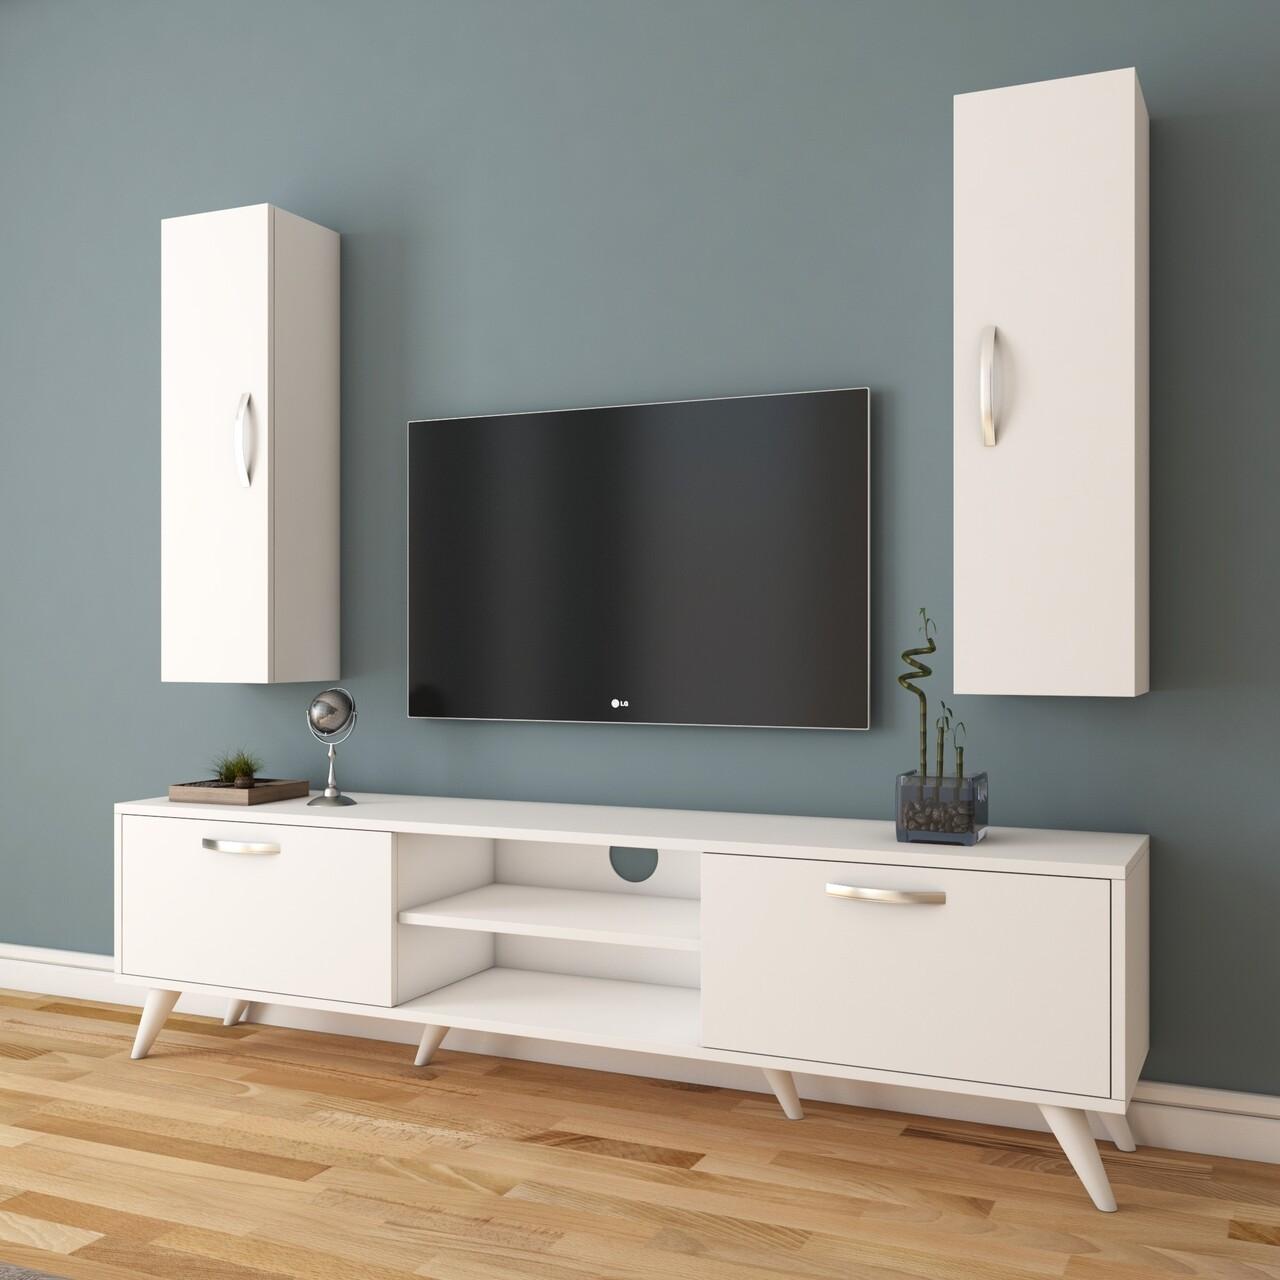 Comoda TV cu 2 cabinete M17 - 263, Wren, 180 x 35 x 48.6 cm/90 cm, white